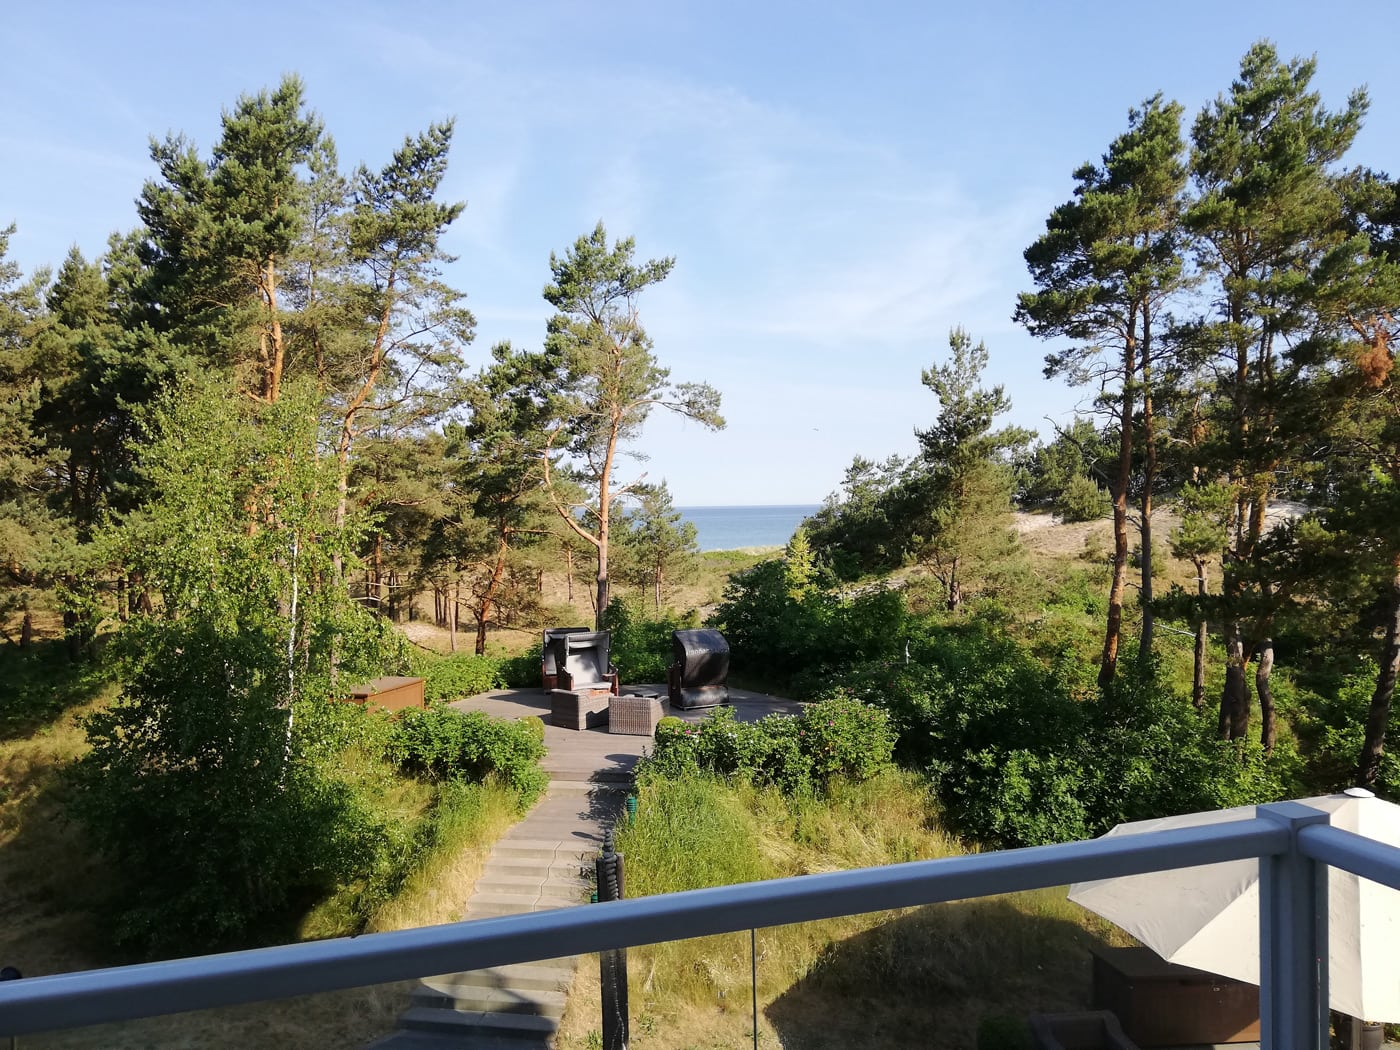 Blick durch die Kiefern aufs Meer Urlaub auf dem Darß